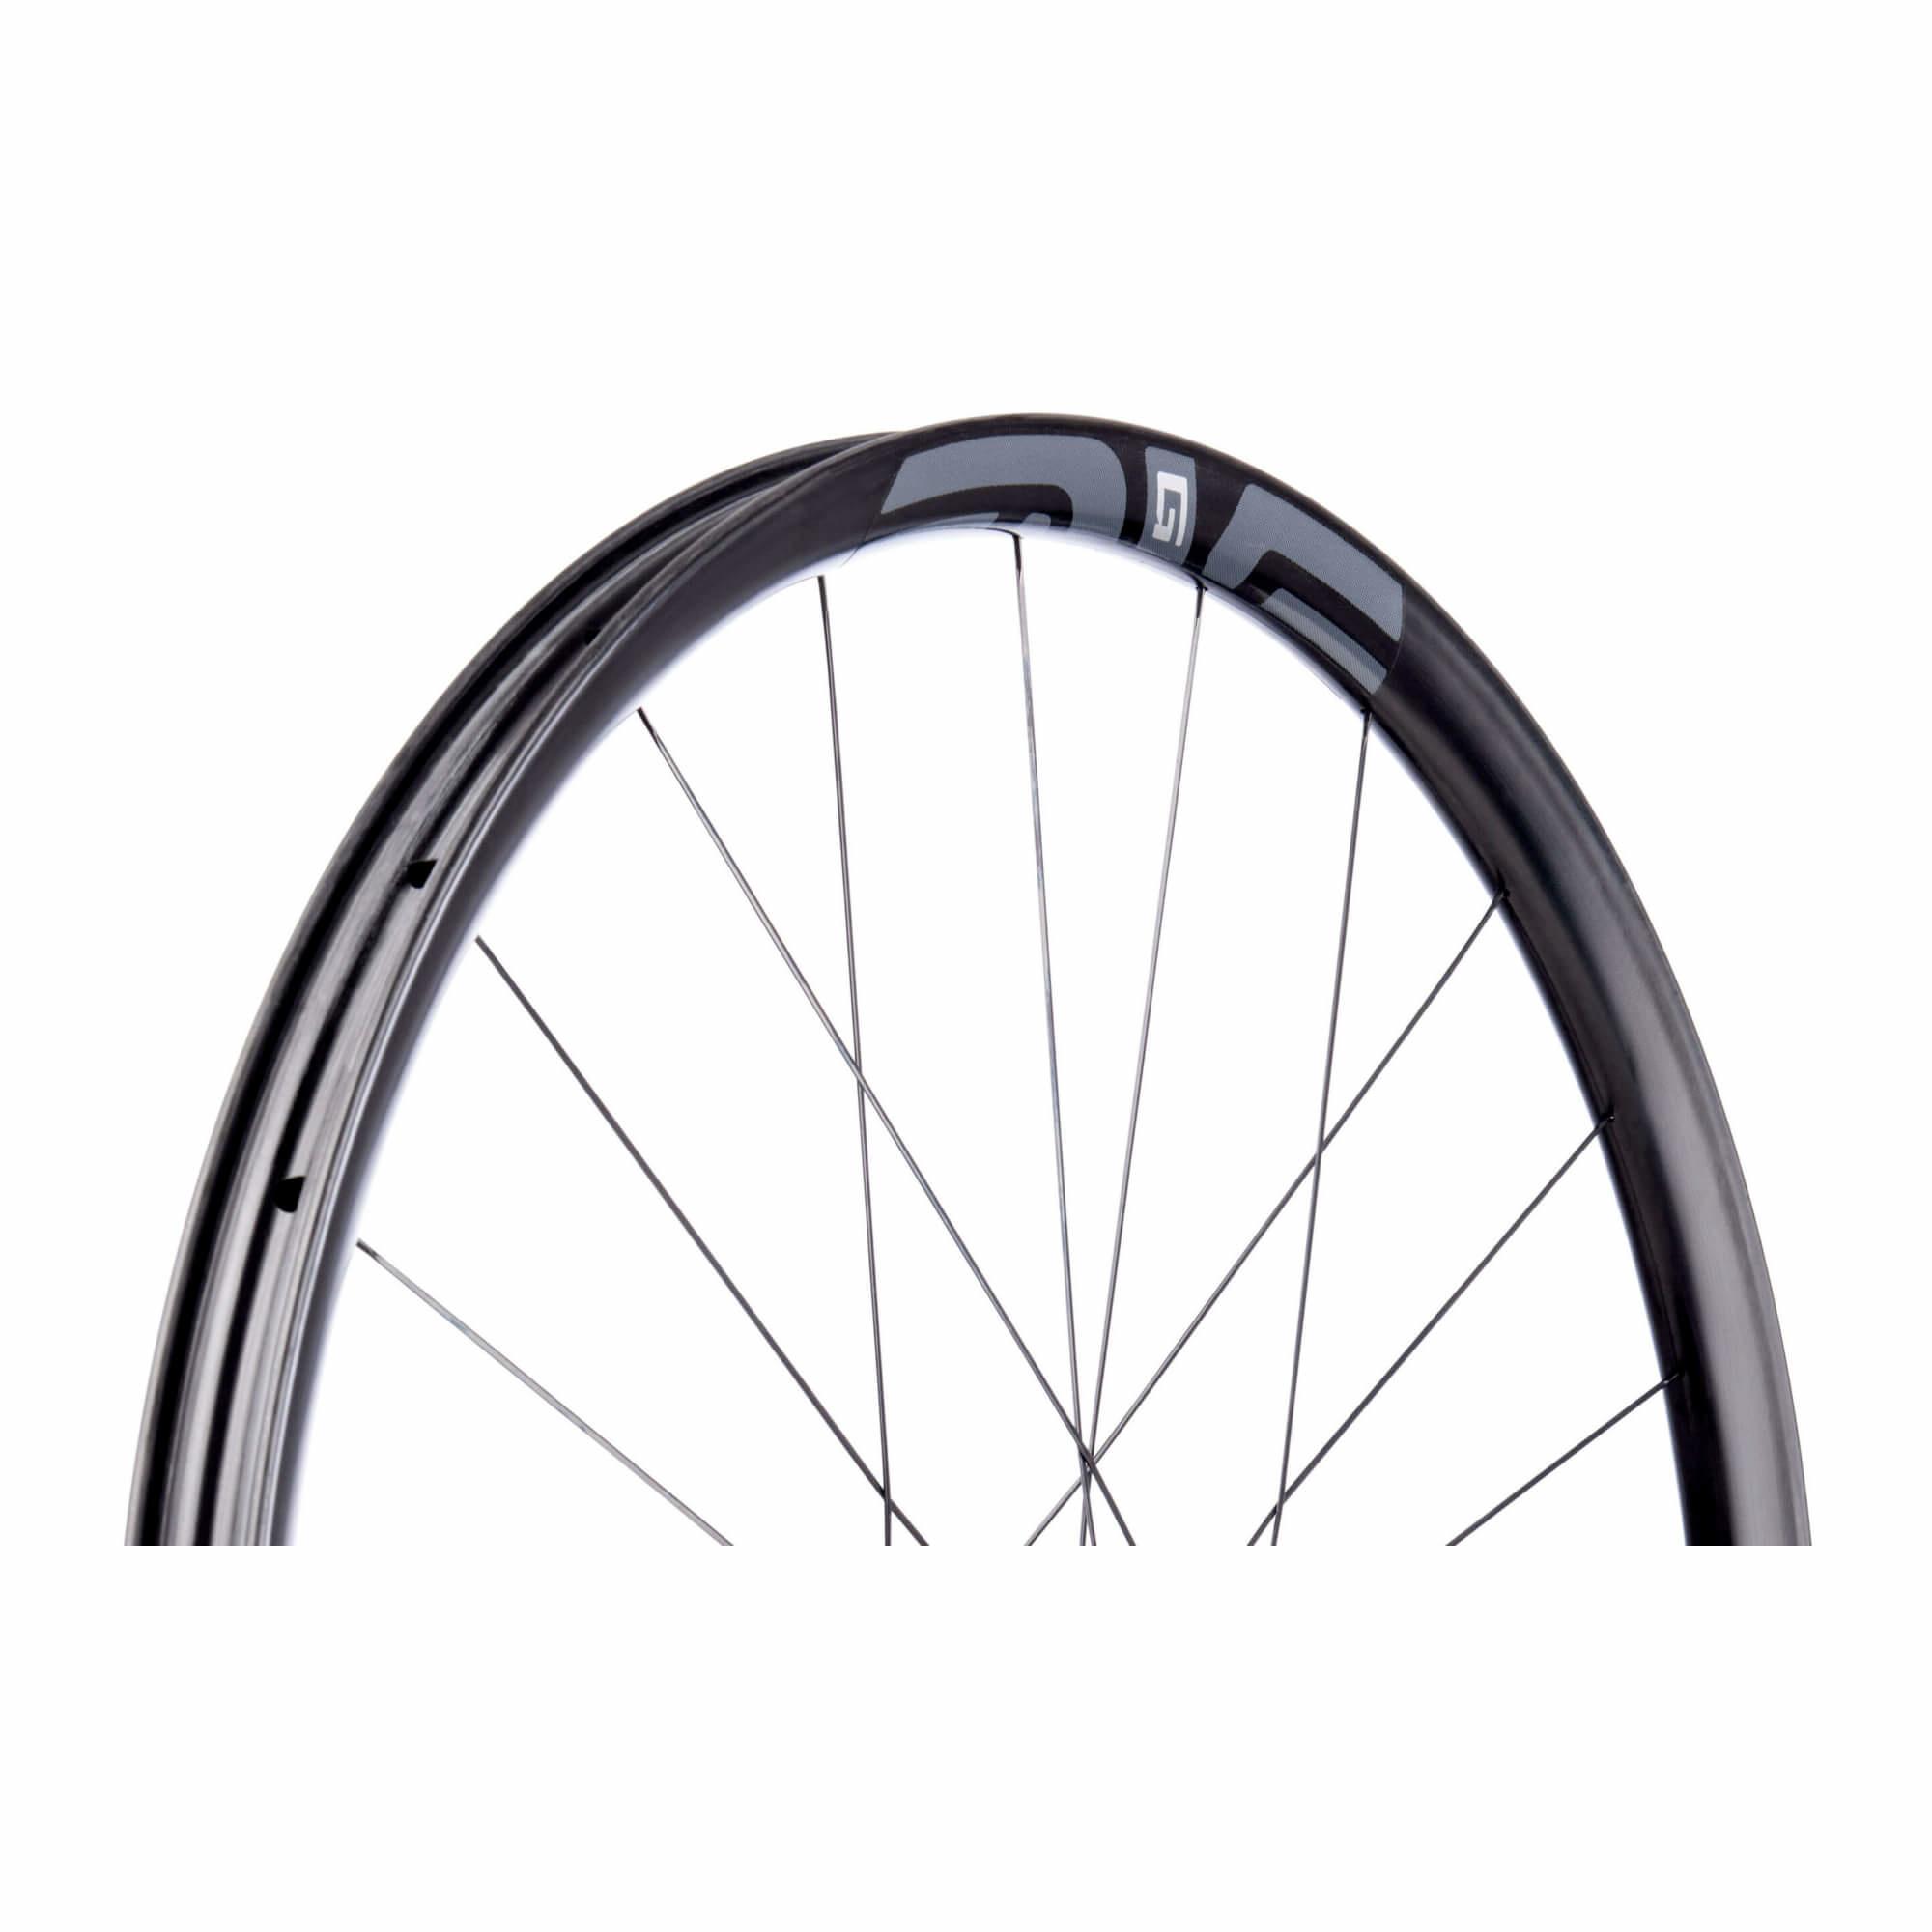 Wheelset G27-3